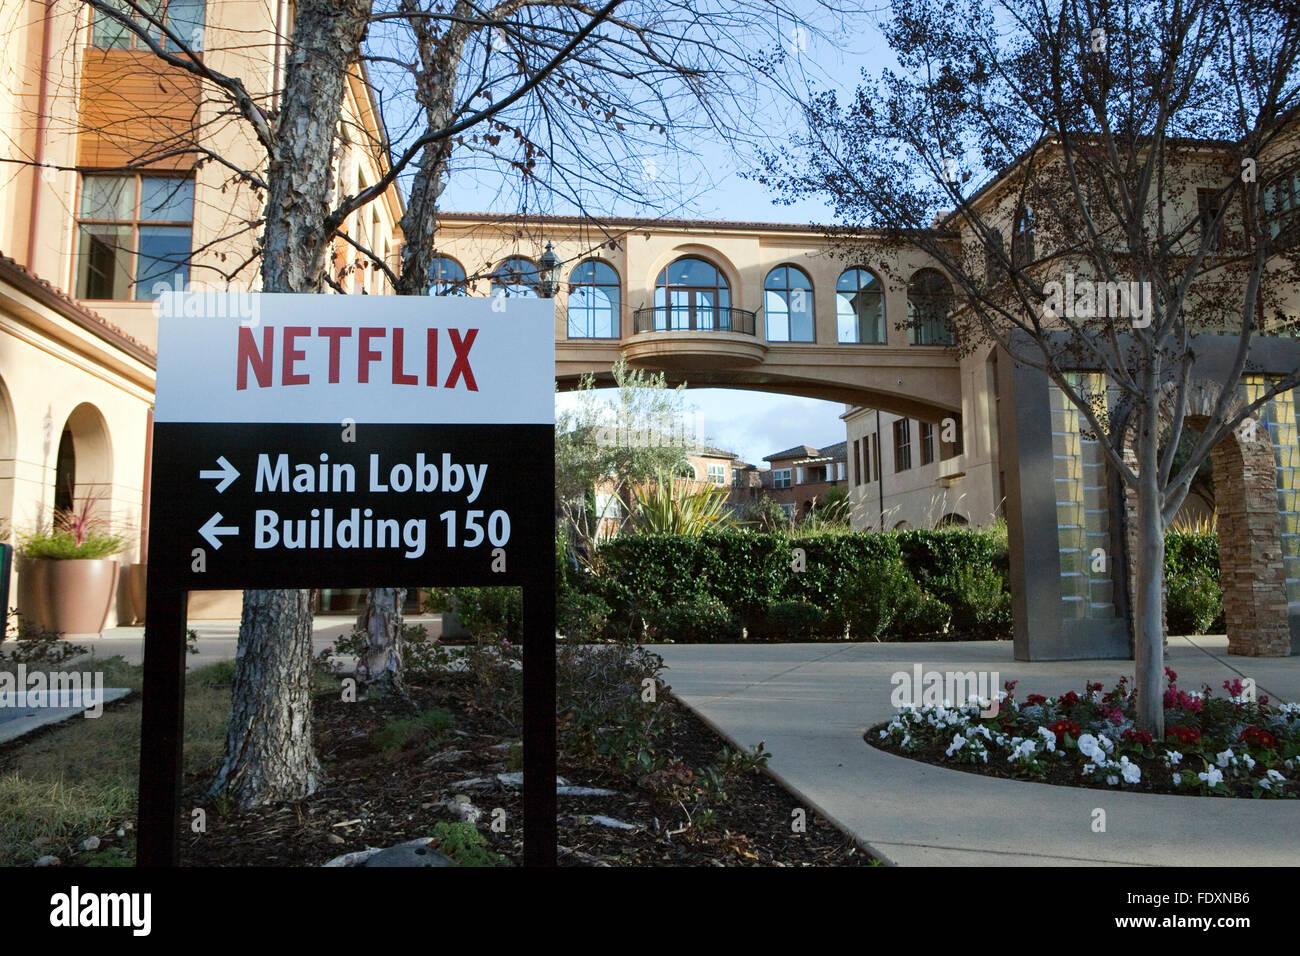 Una vista di un segno a Netflix presso la sede centrale a Los Gatos, California Immagini Stock